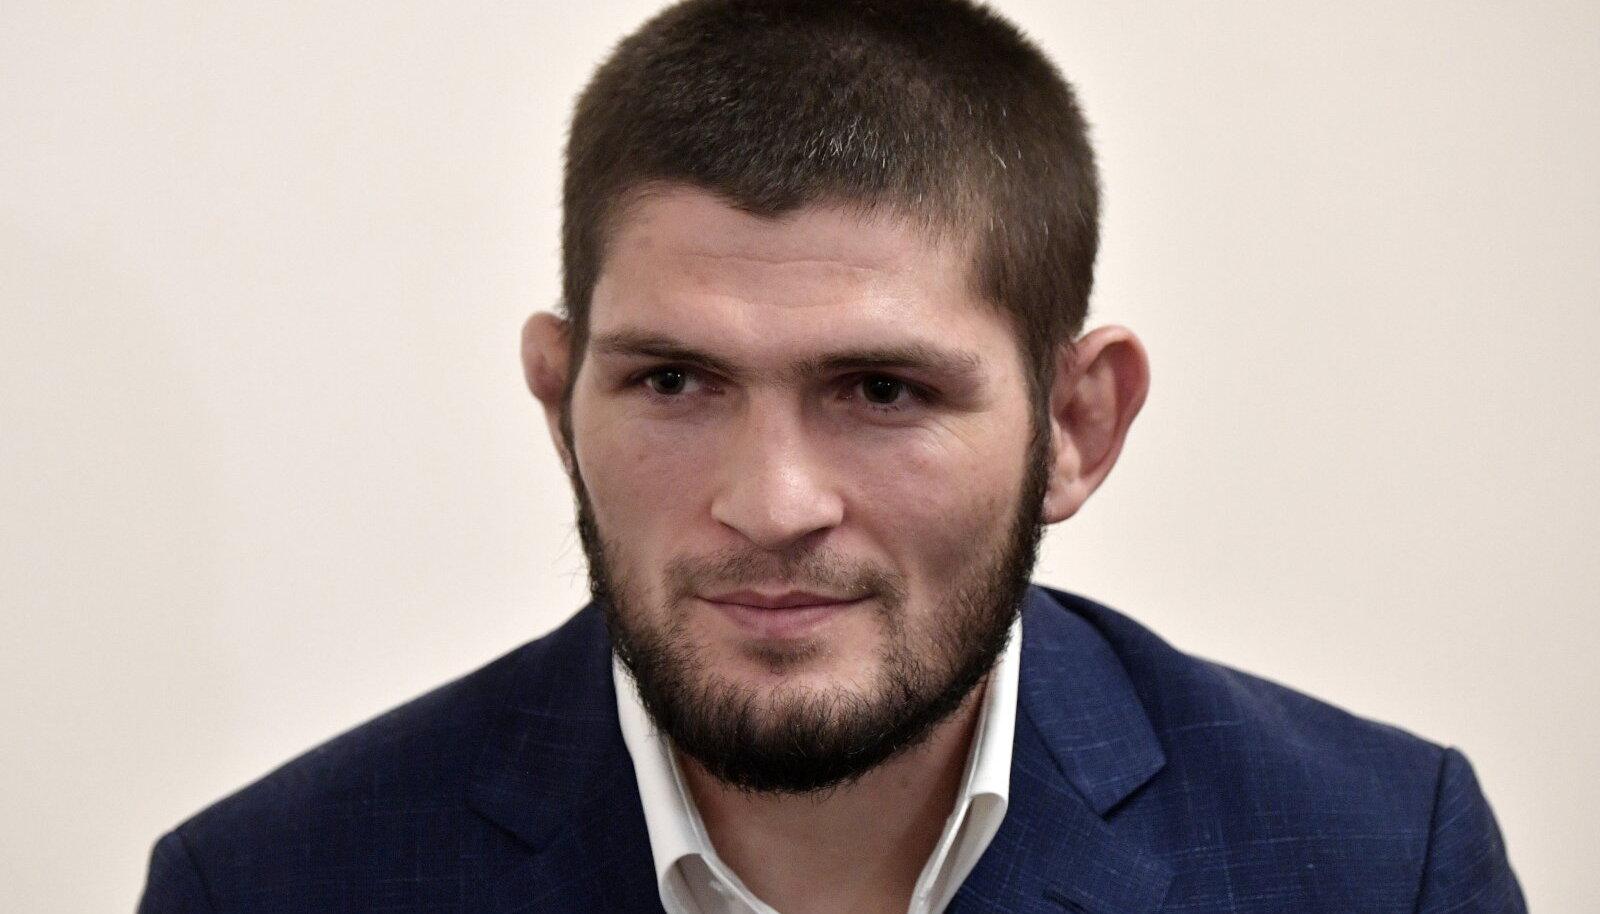 Habib Nurmagomedov